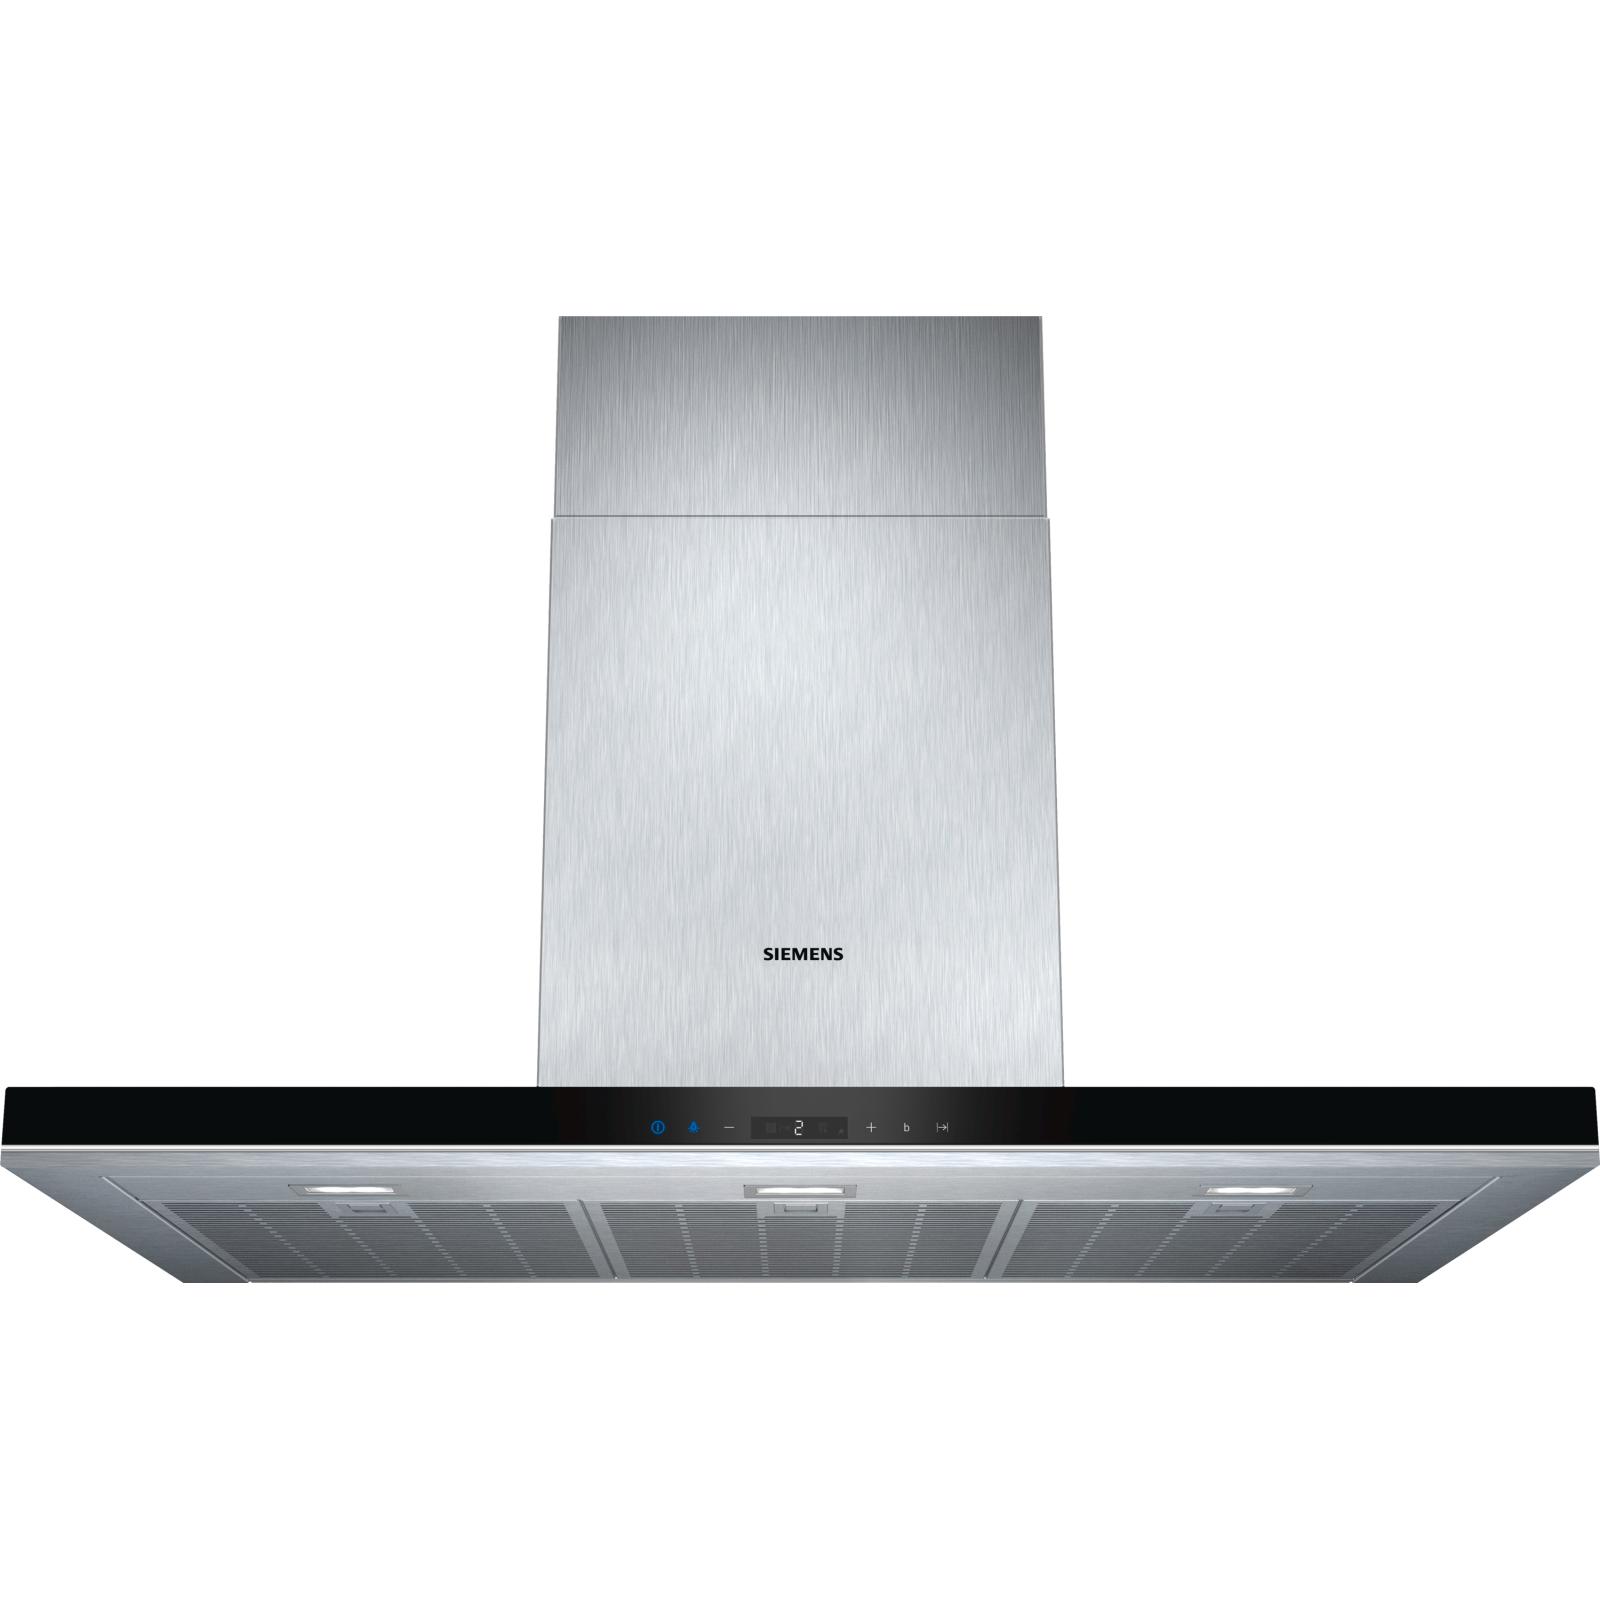 Вытяжка кухонная Siemens LC 98 BA 572 (LC98BA572)